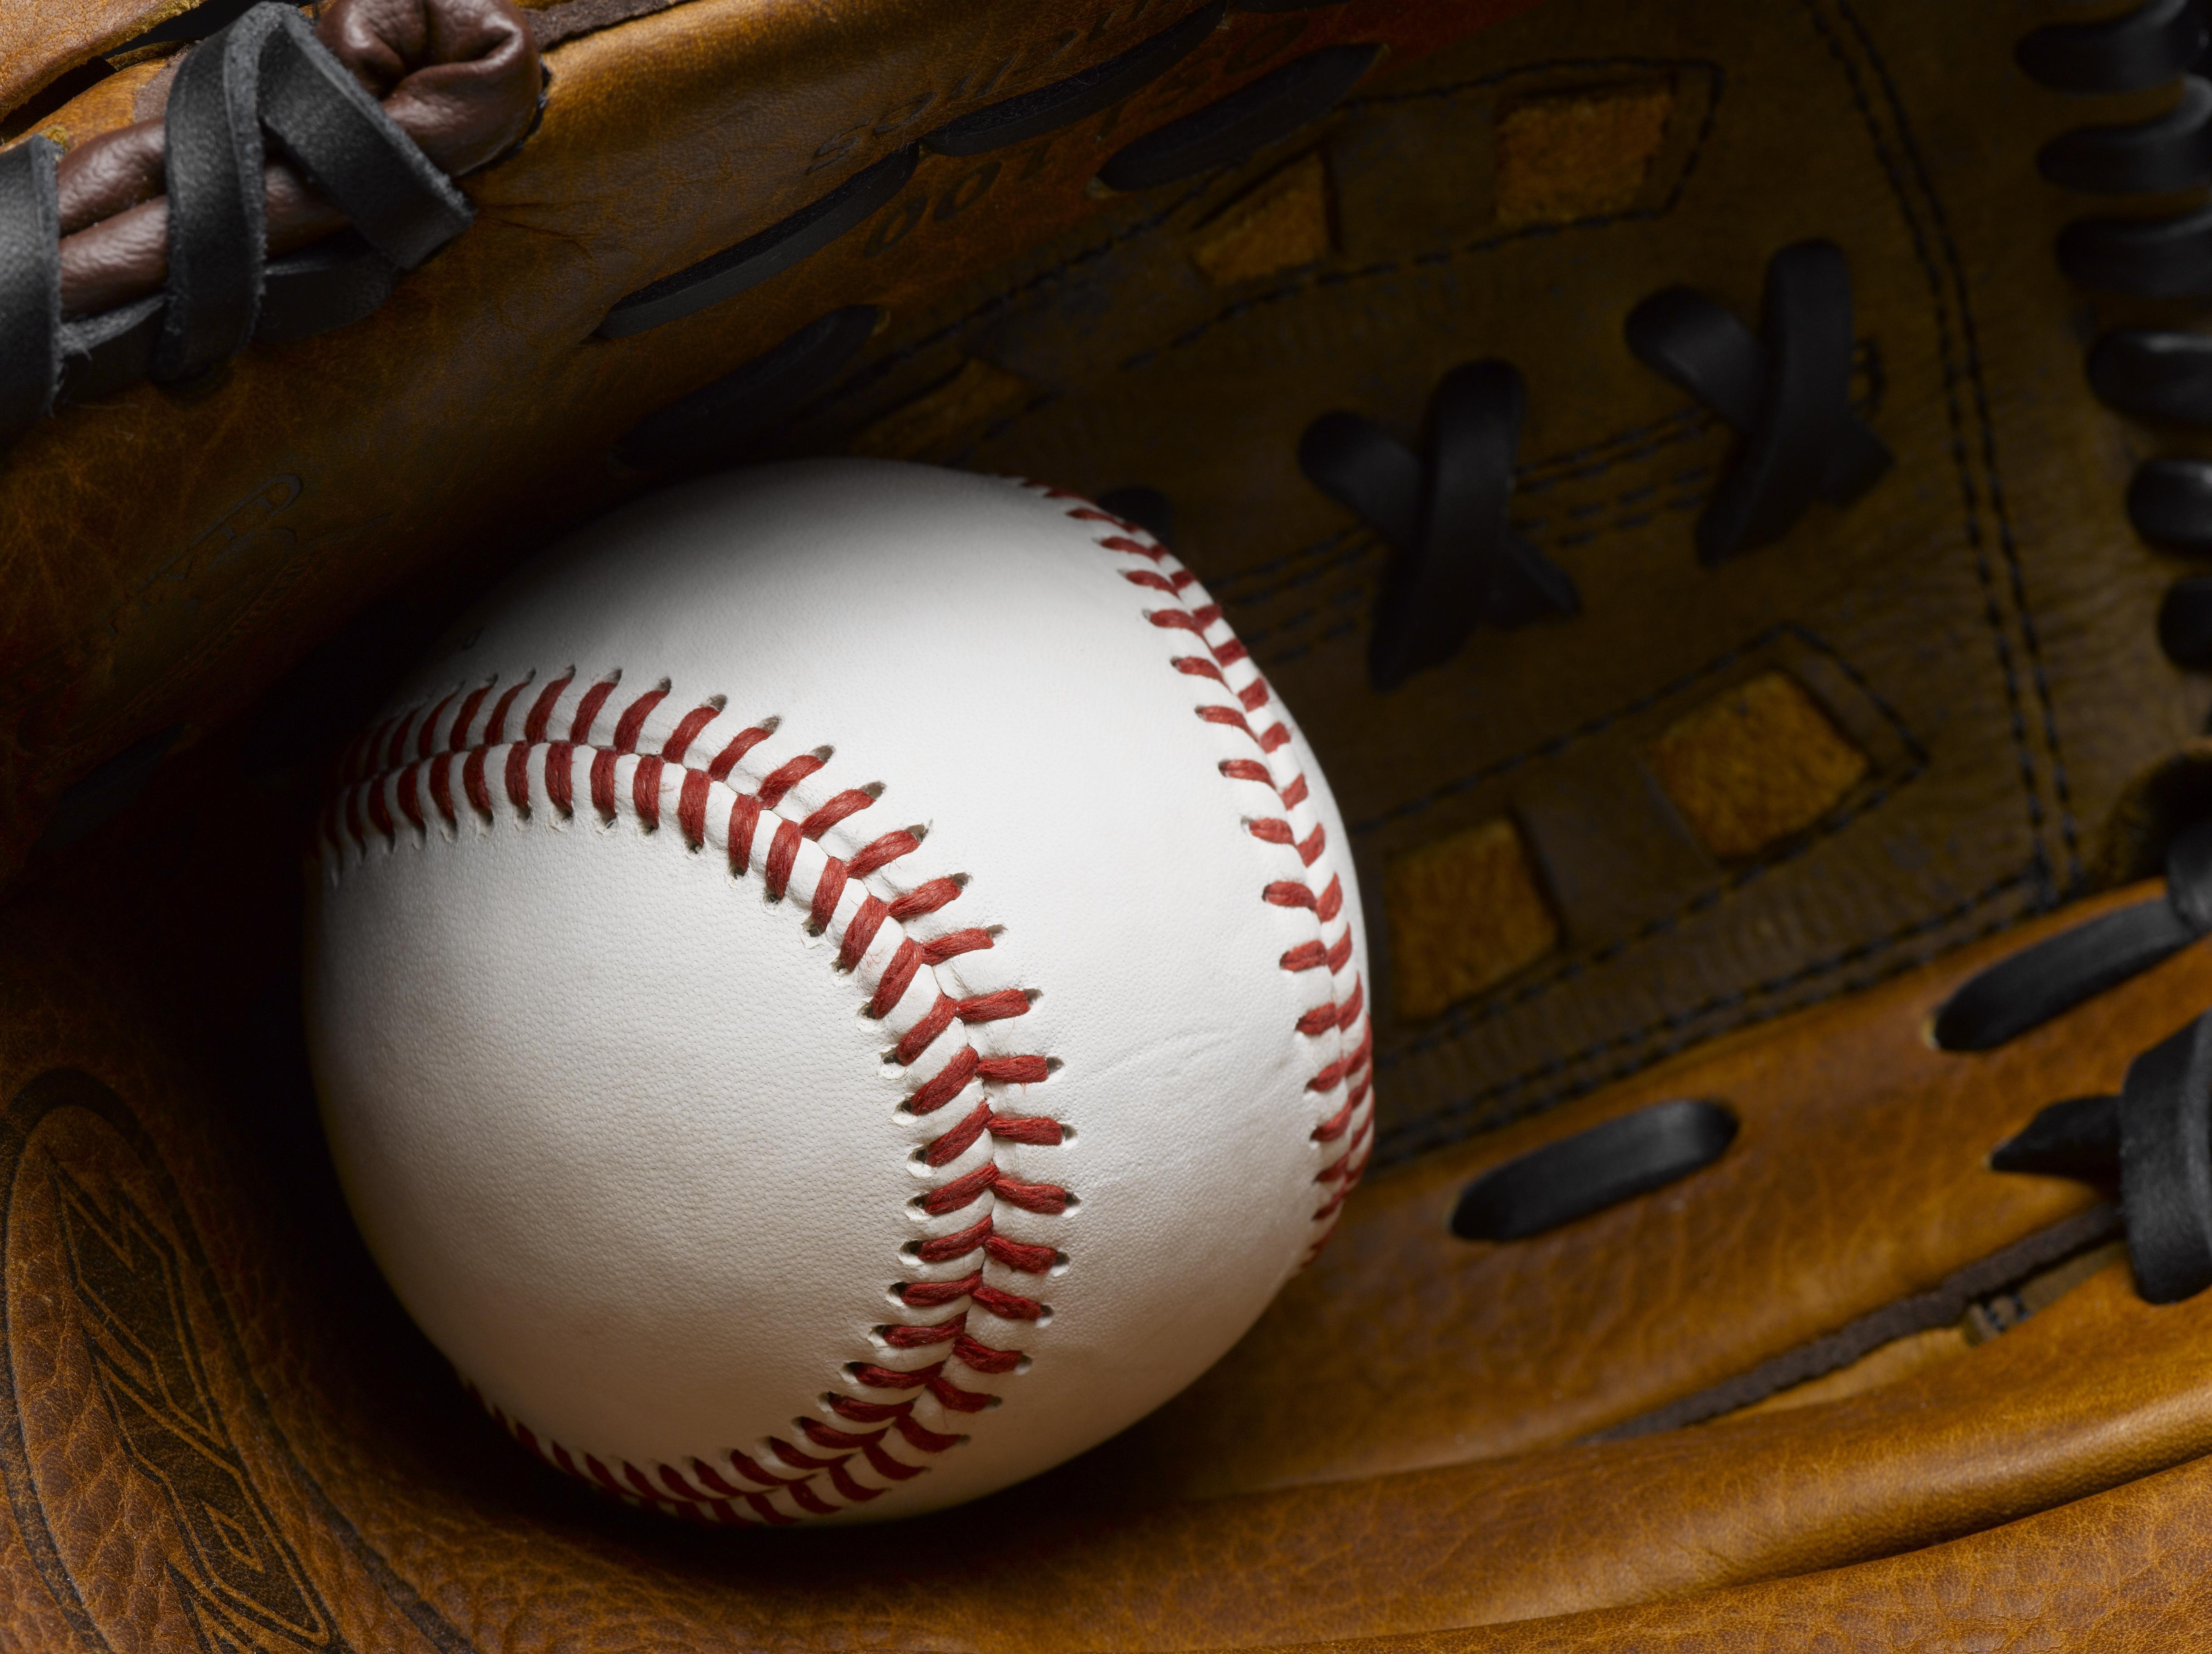 Baseball in glove close-up